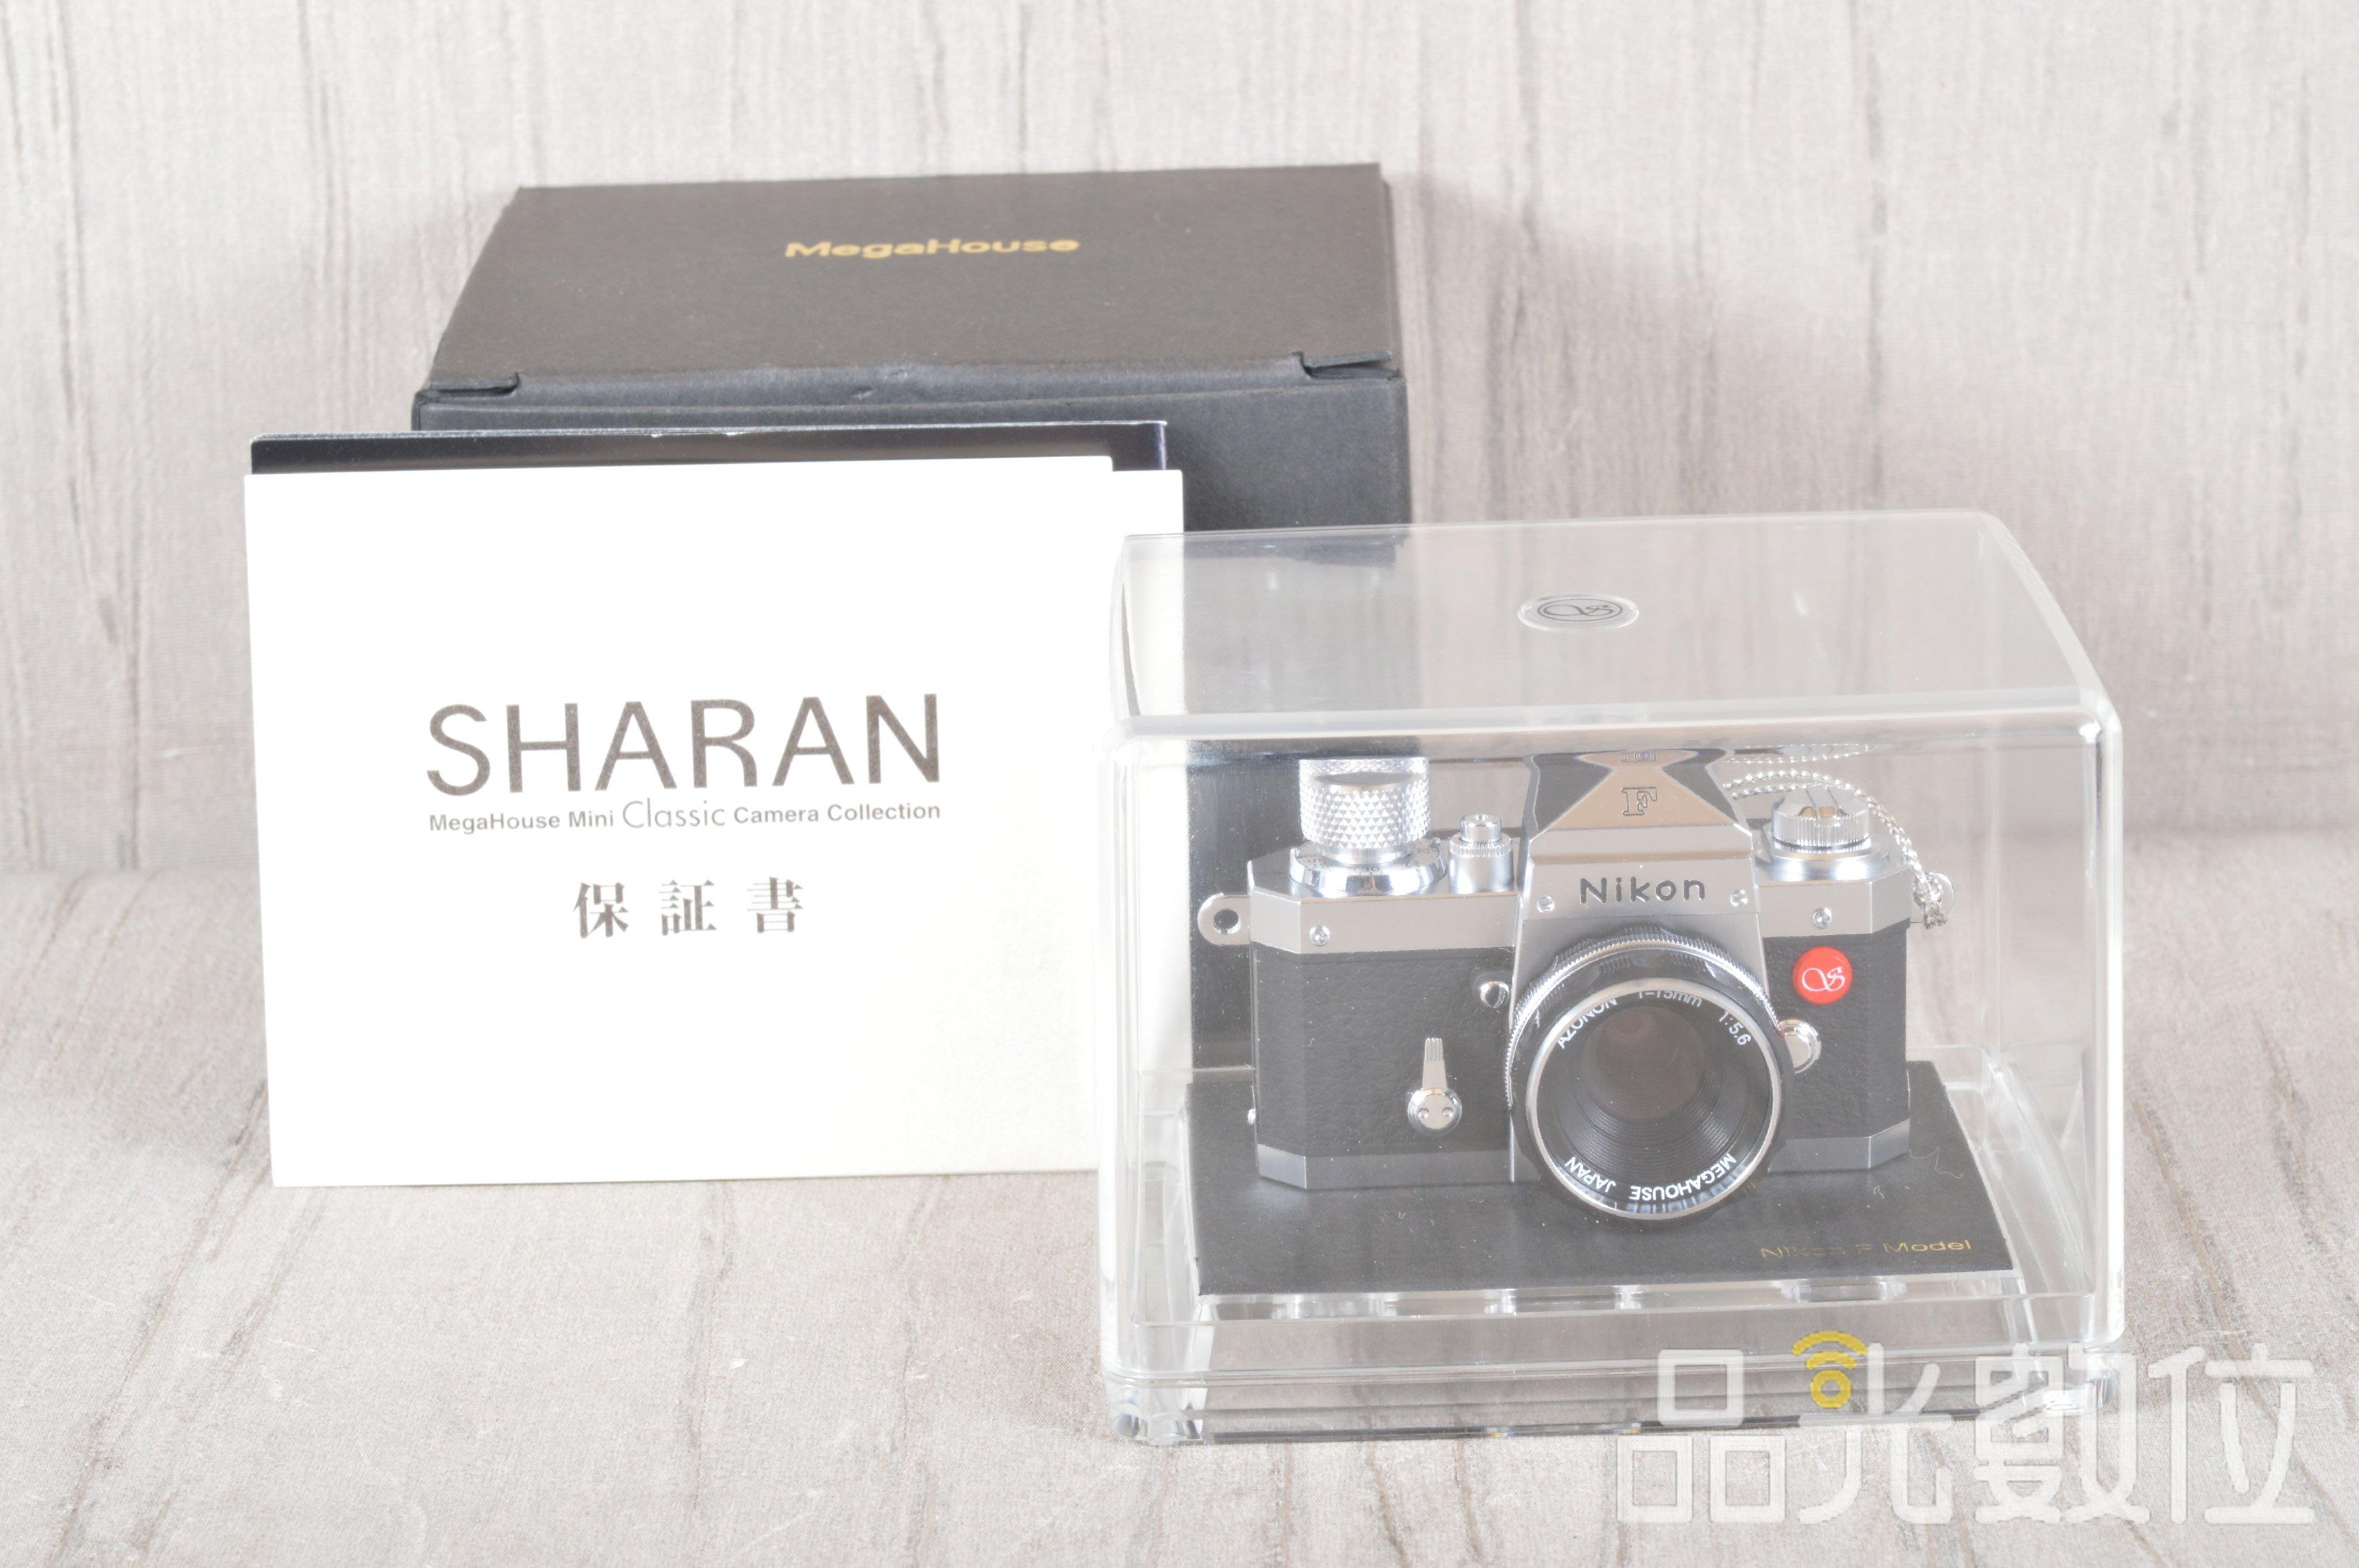 【品光攝影】SHARAN Megahouse Nikon F 微型相機 #100367